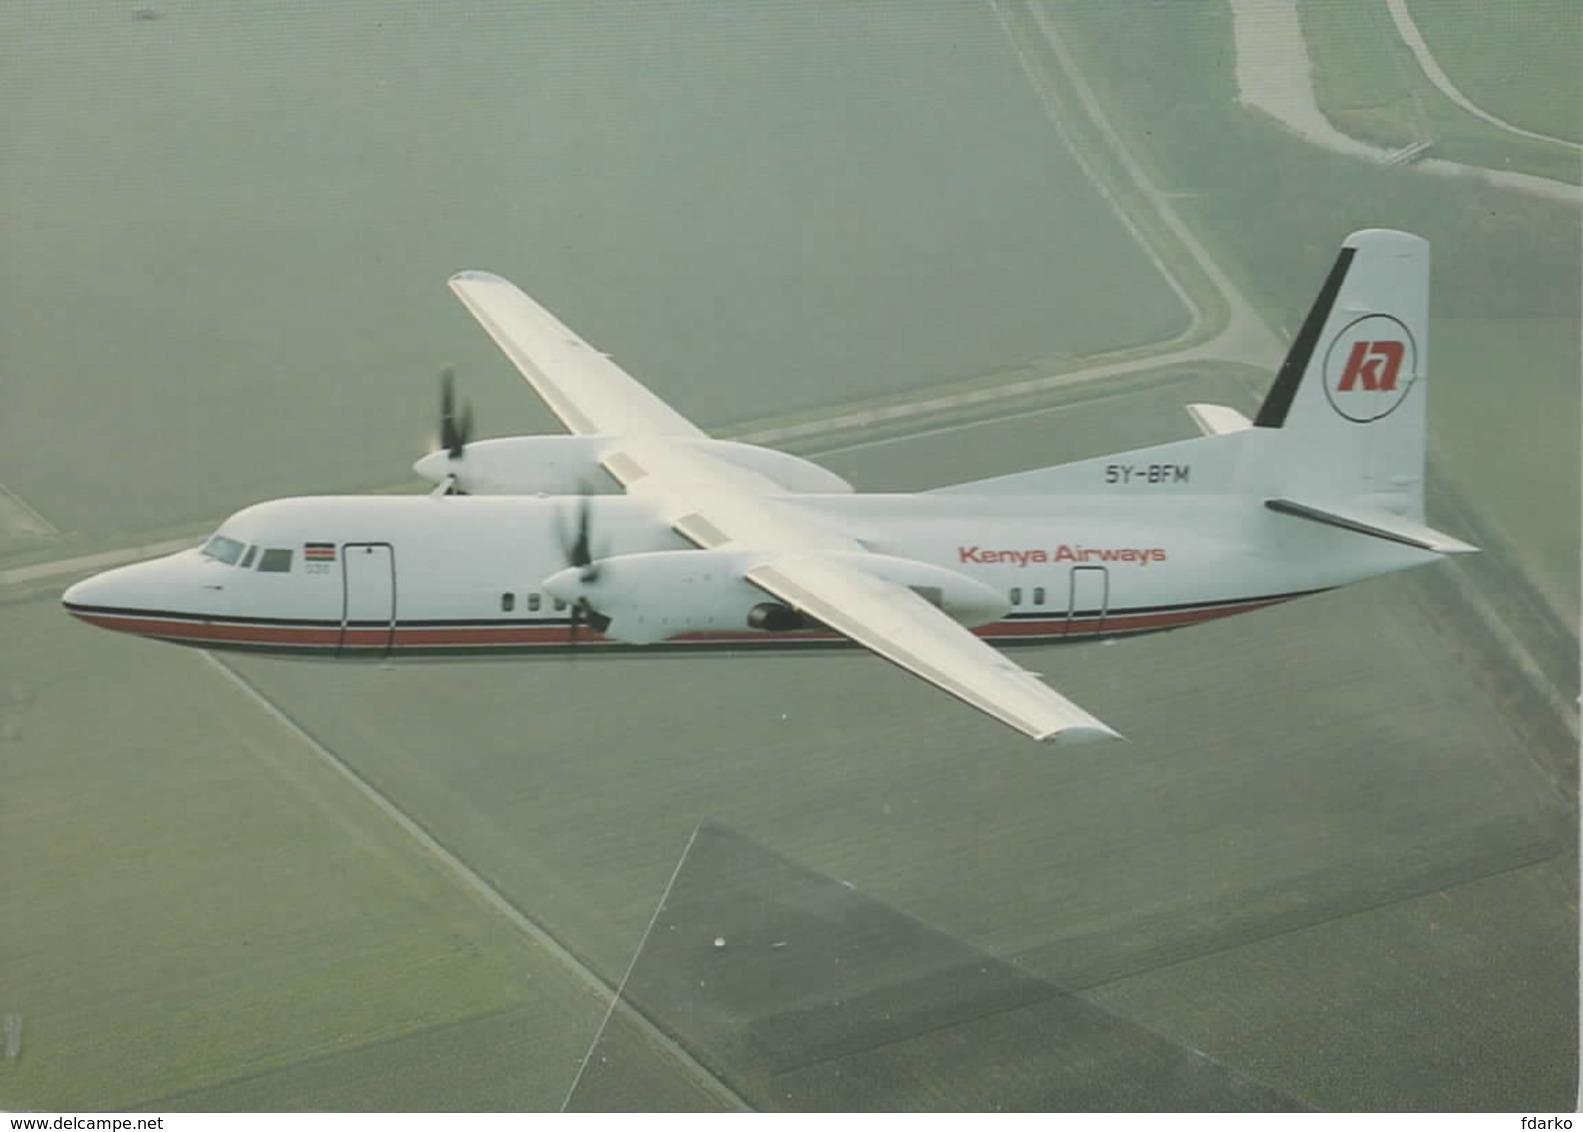 Kenya Airways Fokker 50 FK-50 5Y-BFM - 1946-....: Era Moderna